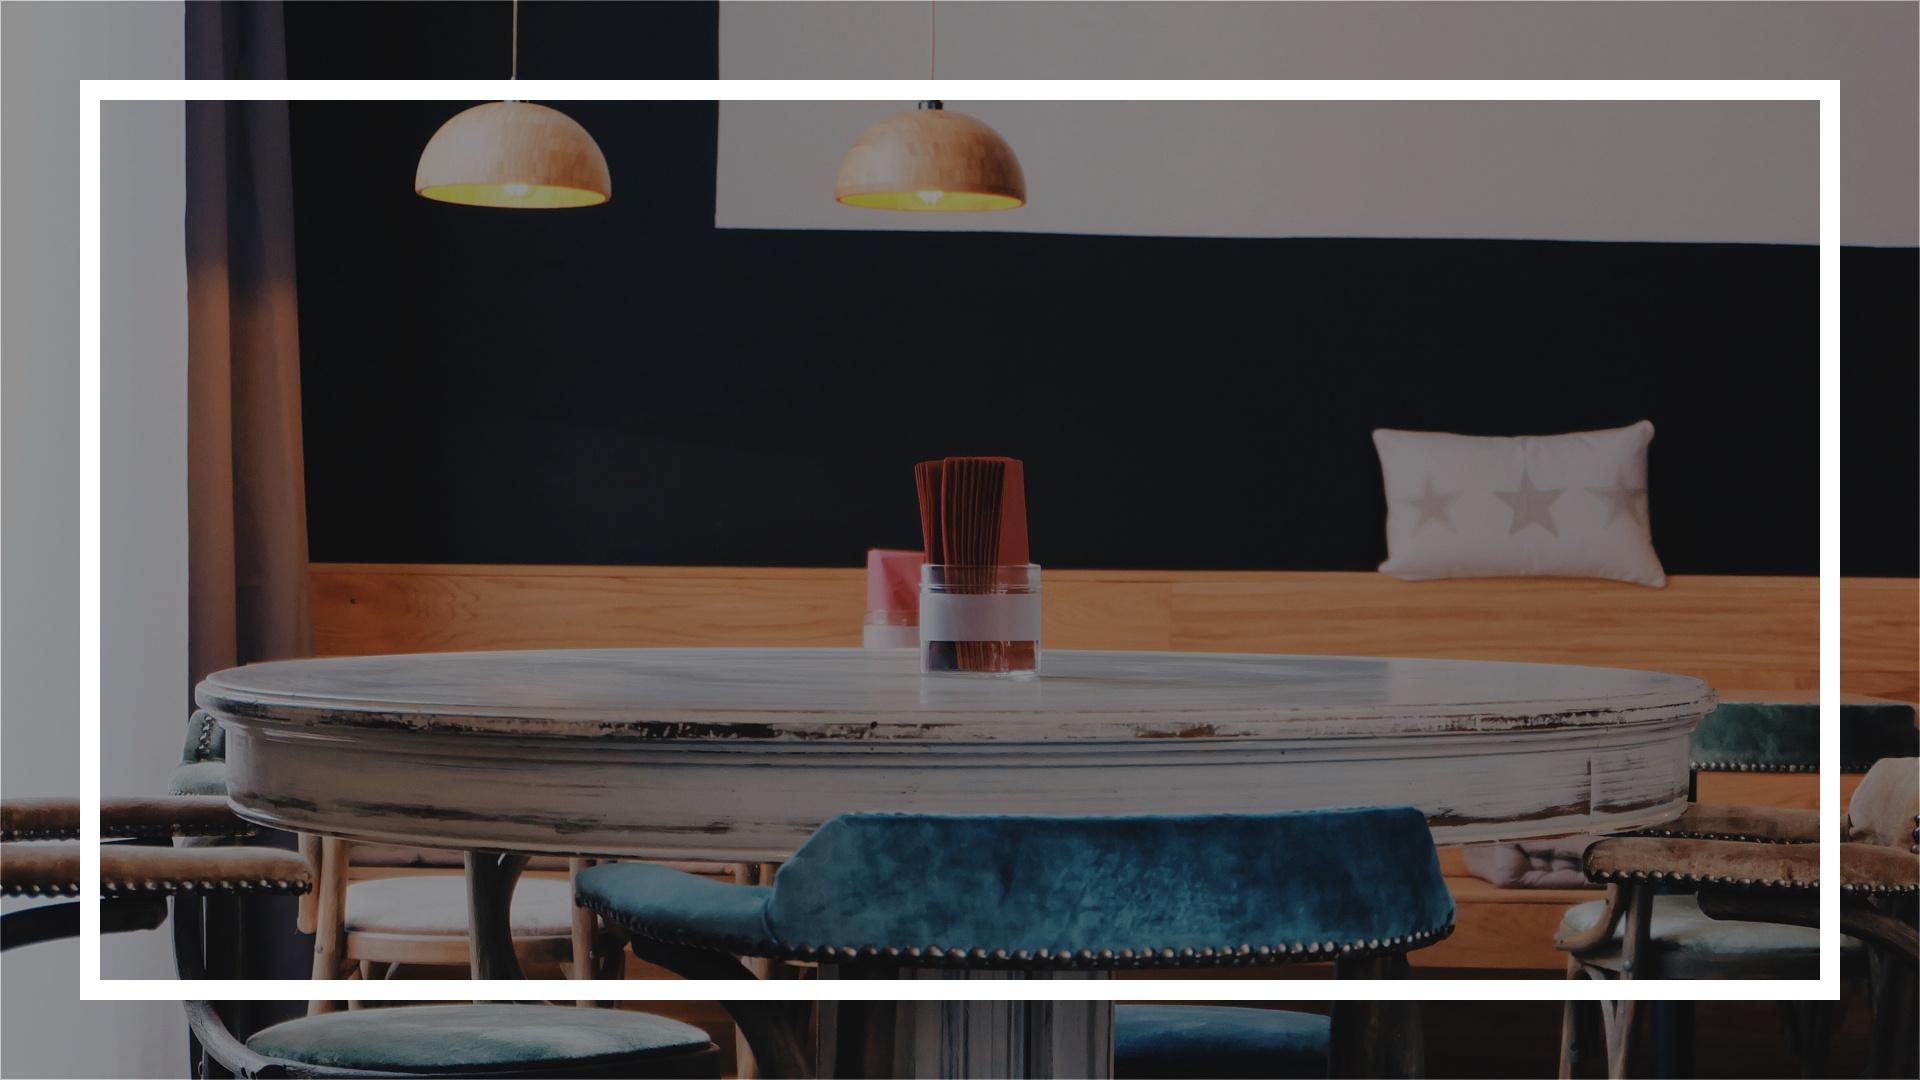 Digital Signage Backgrounds